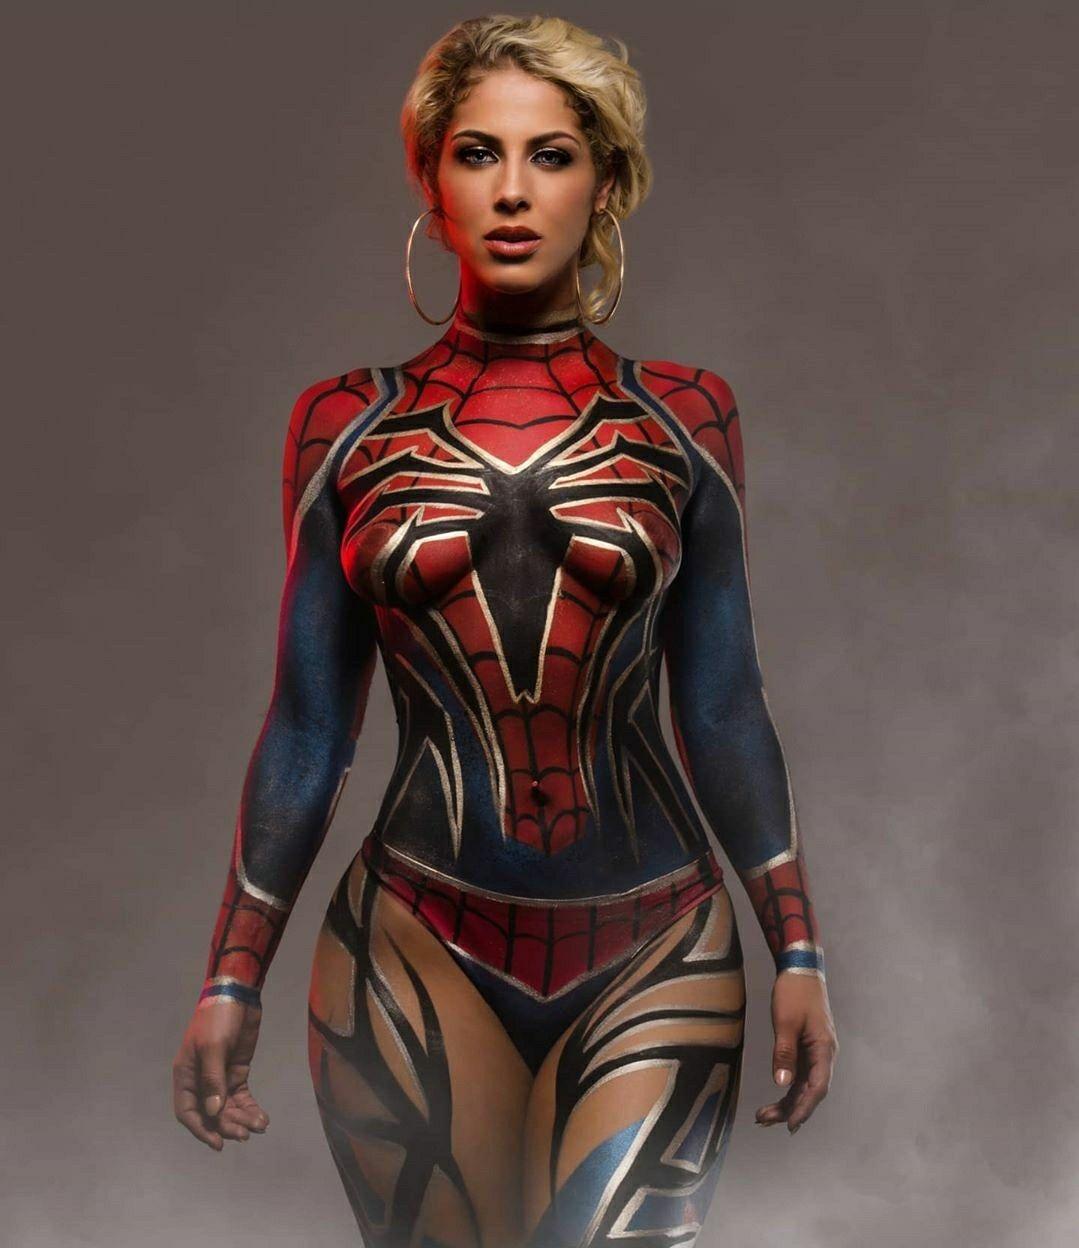 Iron Spider x Alx Guzman